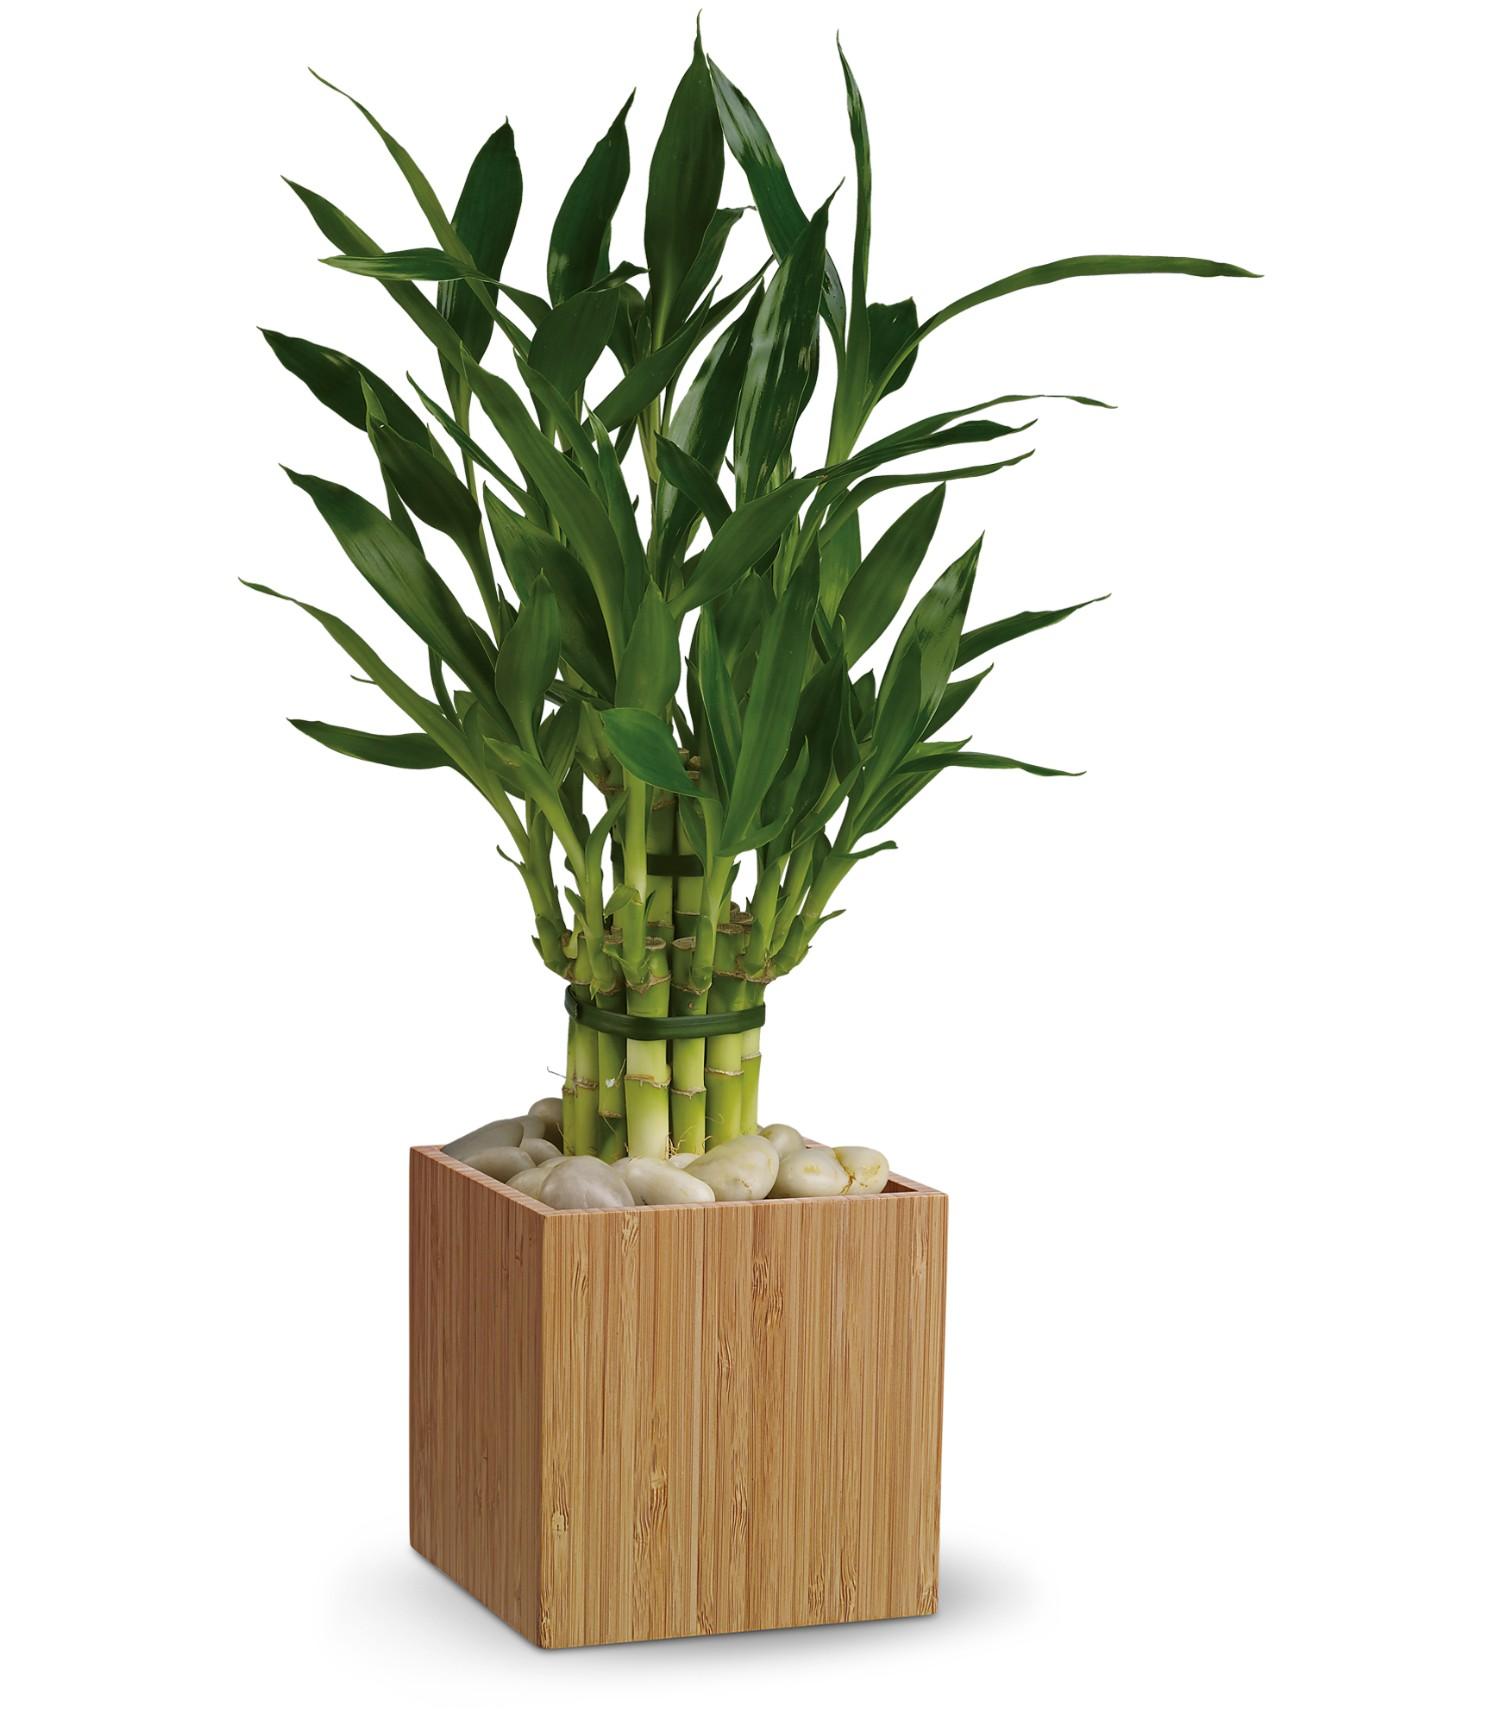 Купить бамбук растение в москве, купить оптом цветы